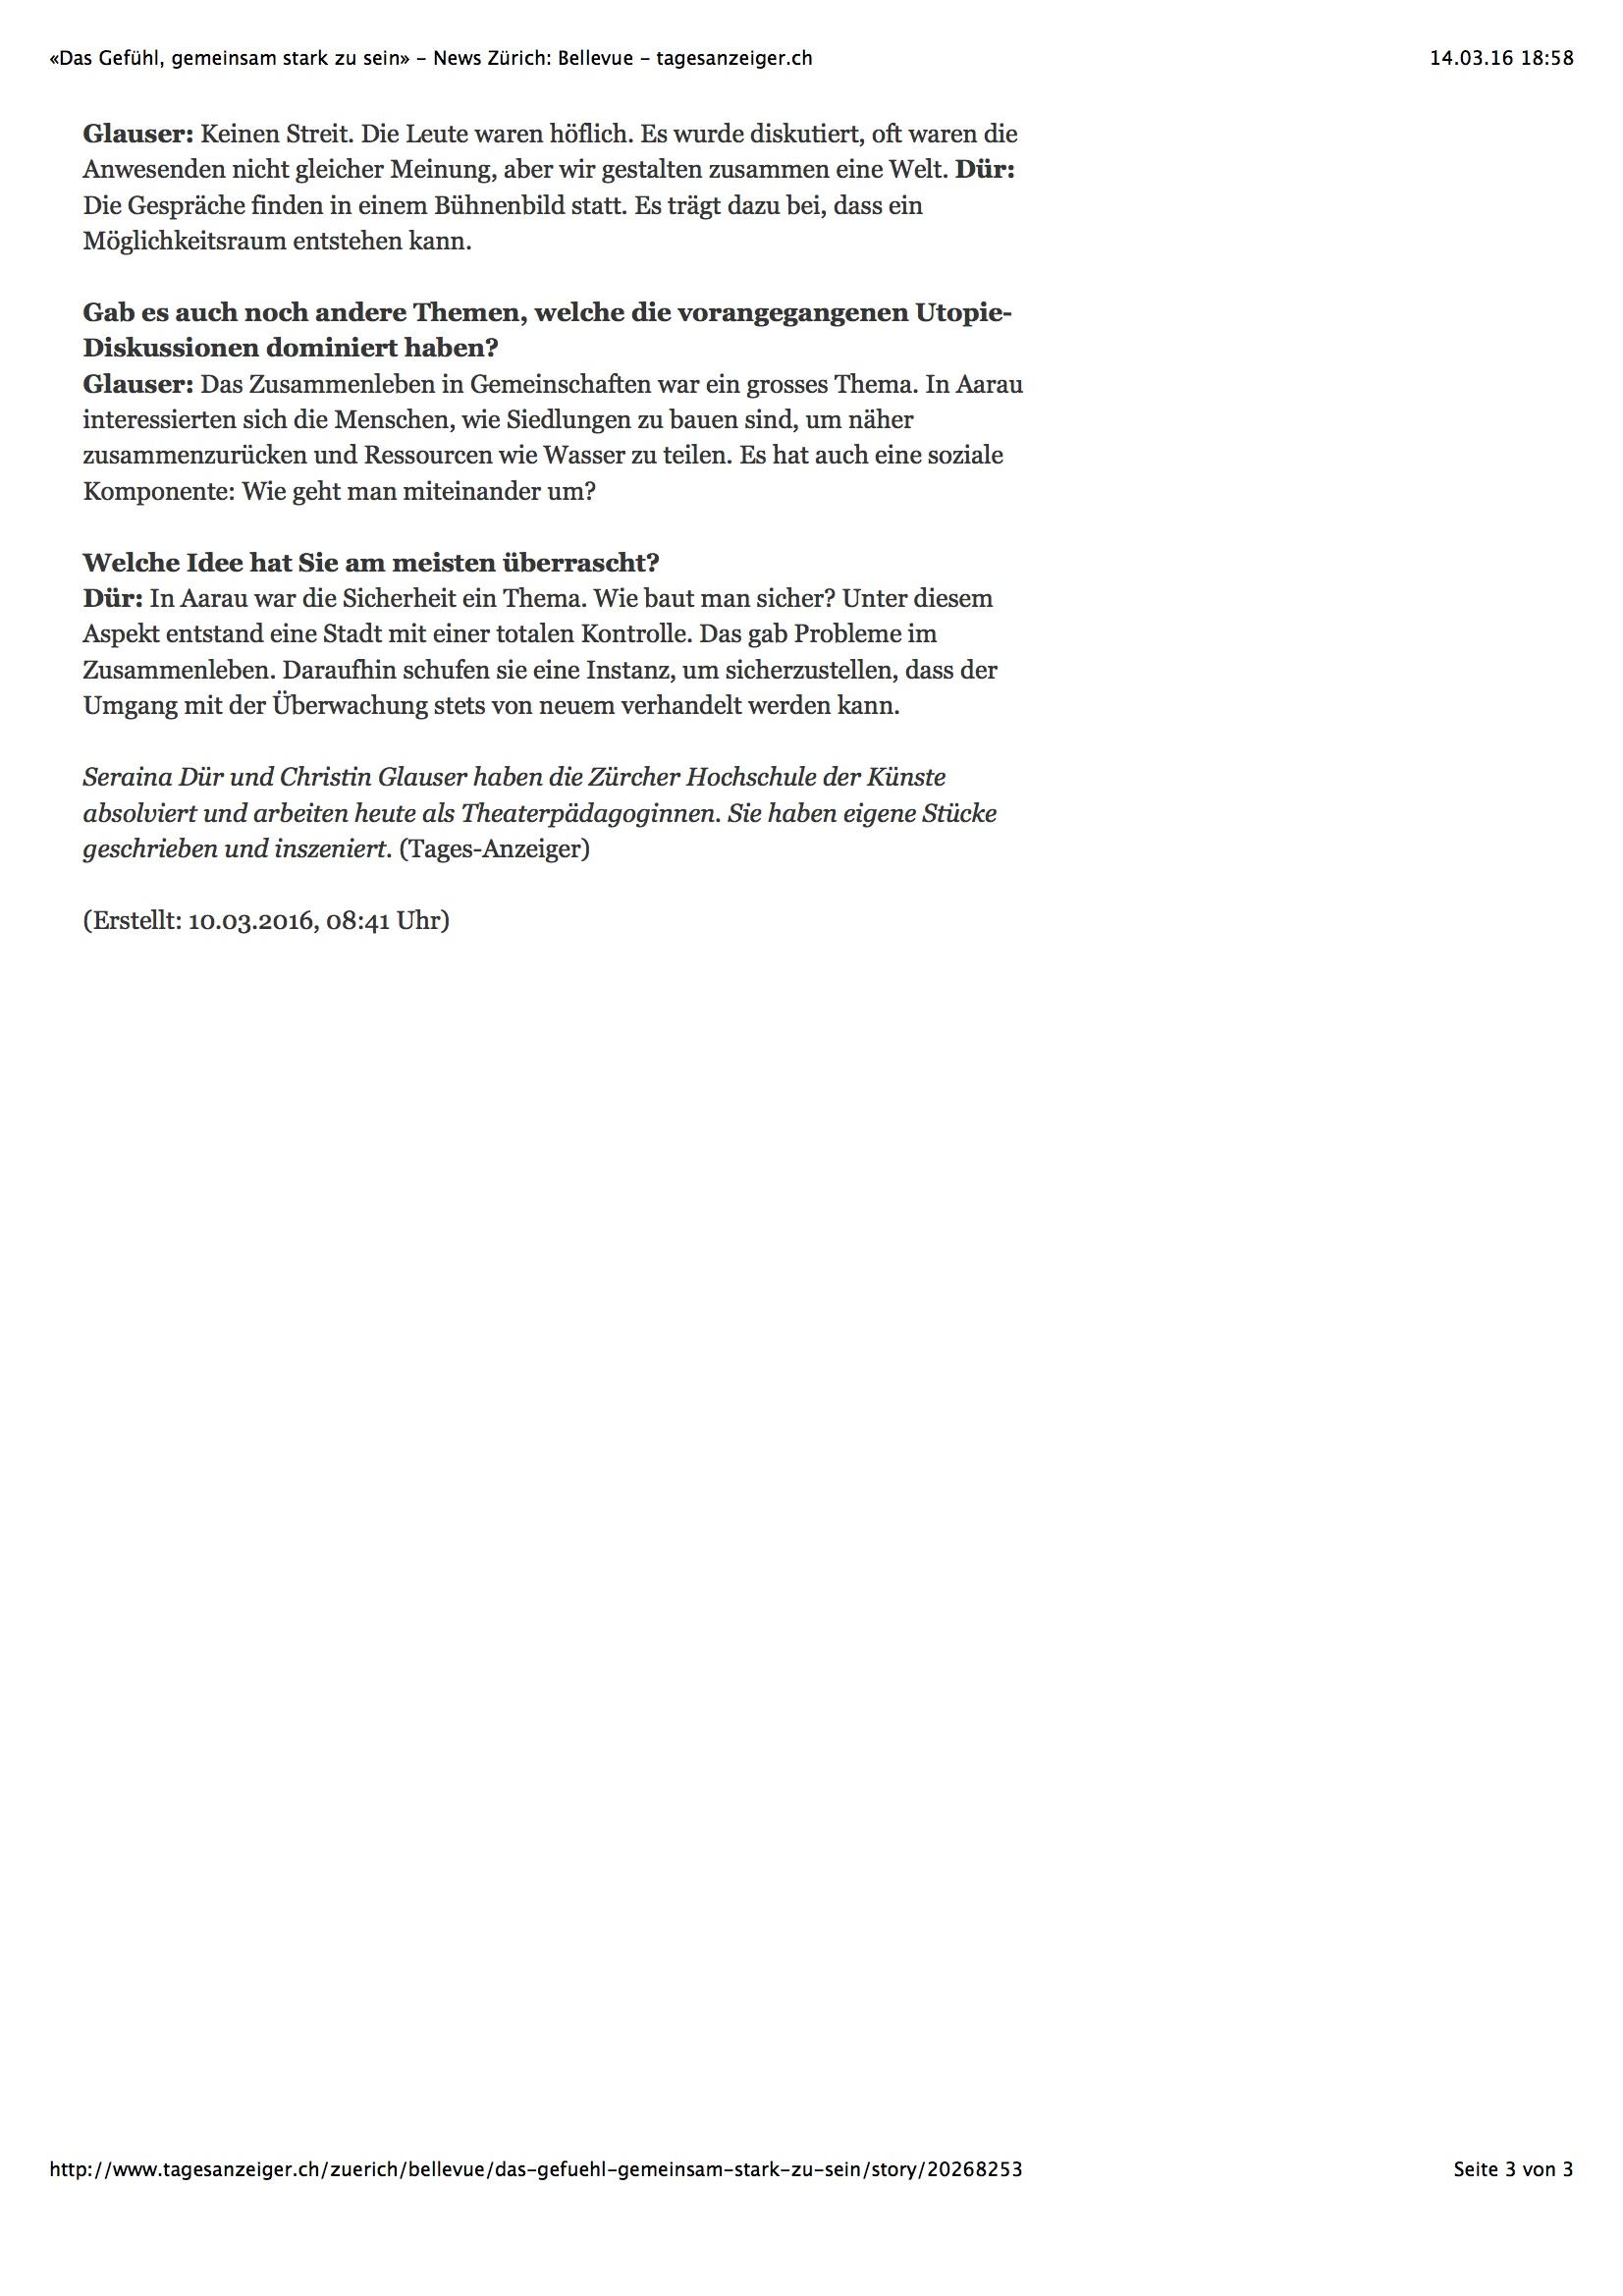 «Das Gefühl, gemeinsam stark zu sein»2 - News Zürich: Bellevue - tagesanzeiger.ch